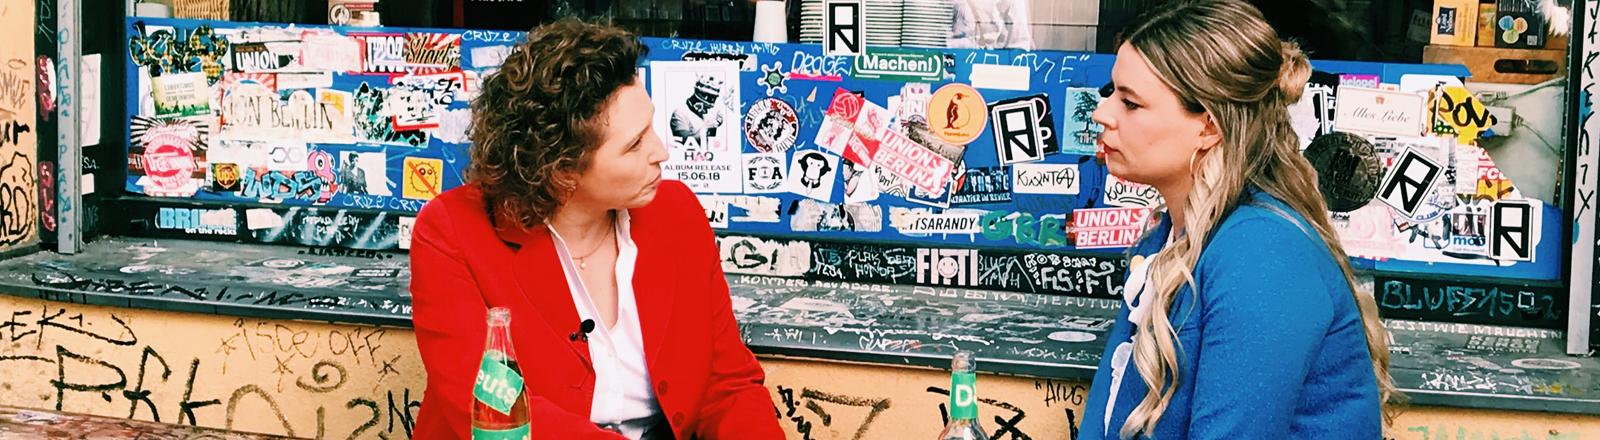 Die FDP-Politikerin Nicola Beer im Gespräch mit Rahel Klein